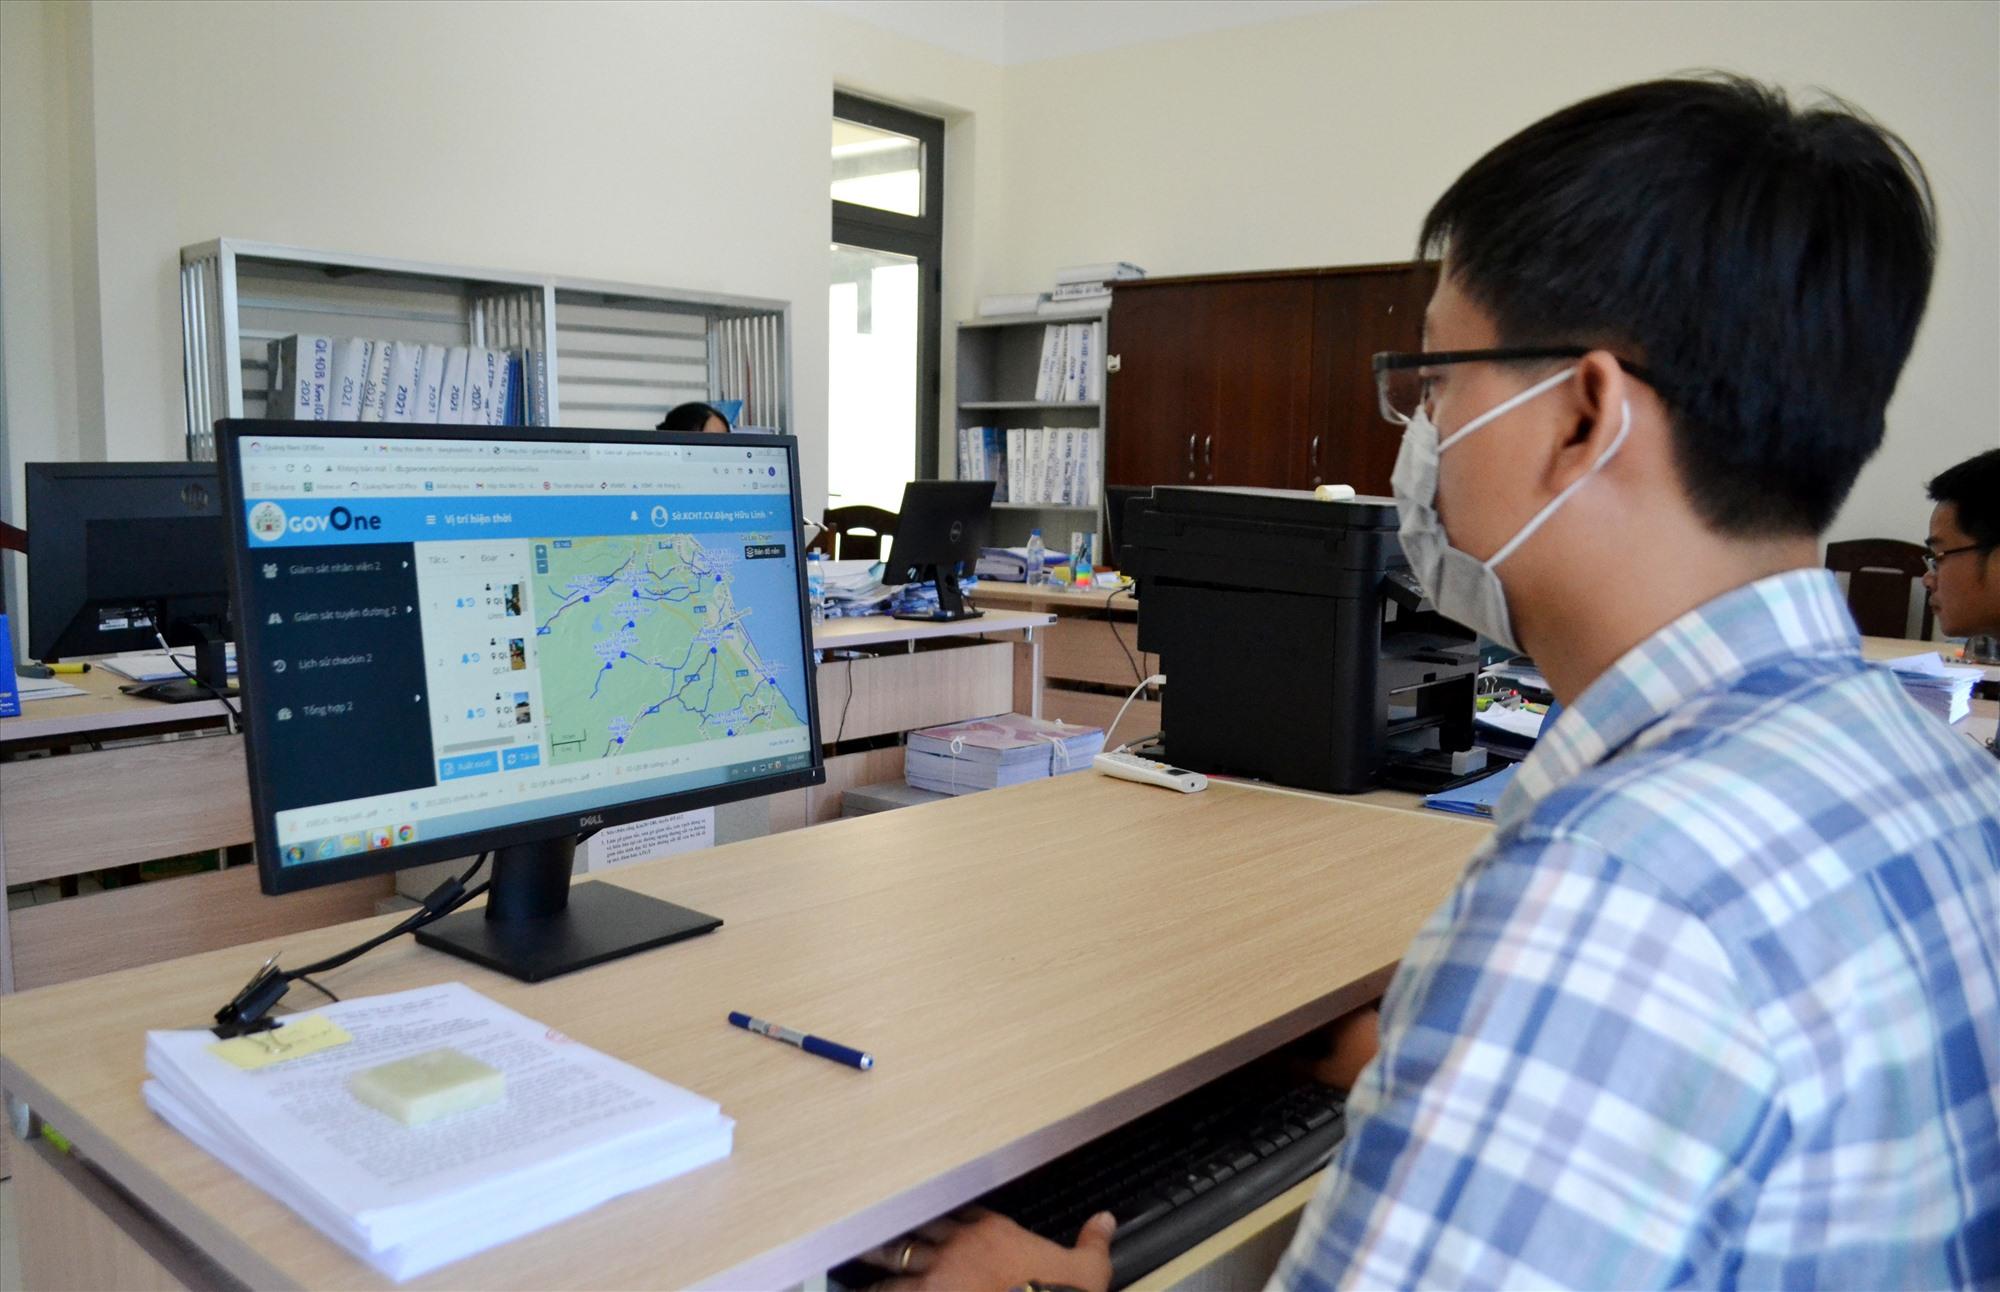 Chuyên viên Sở GTVT theo dõi phần mềm Govone sẽ nắm được hiện trạng từng tuyến đường. Ảnh: T.C.T